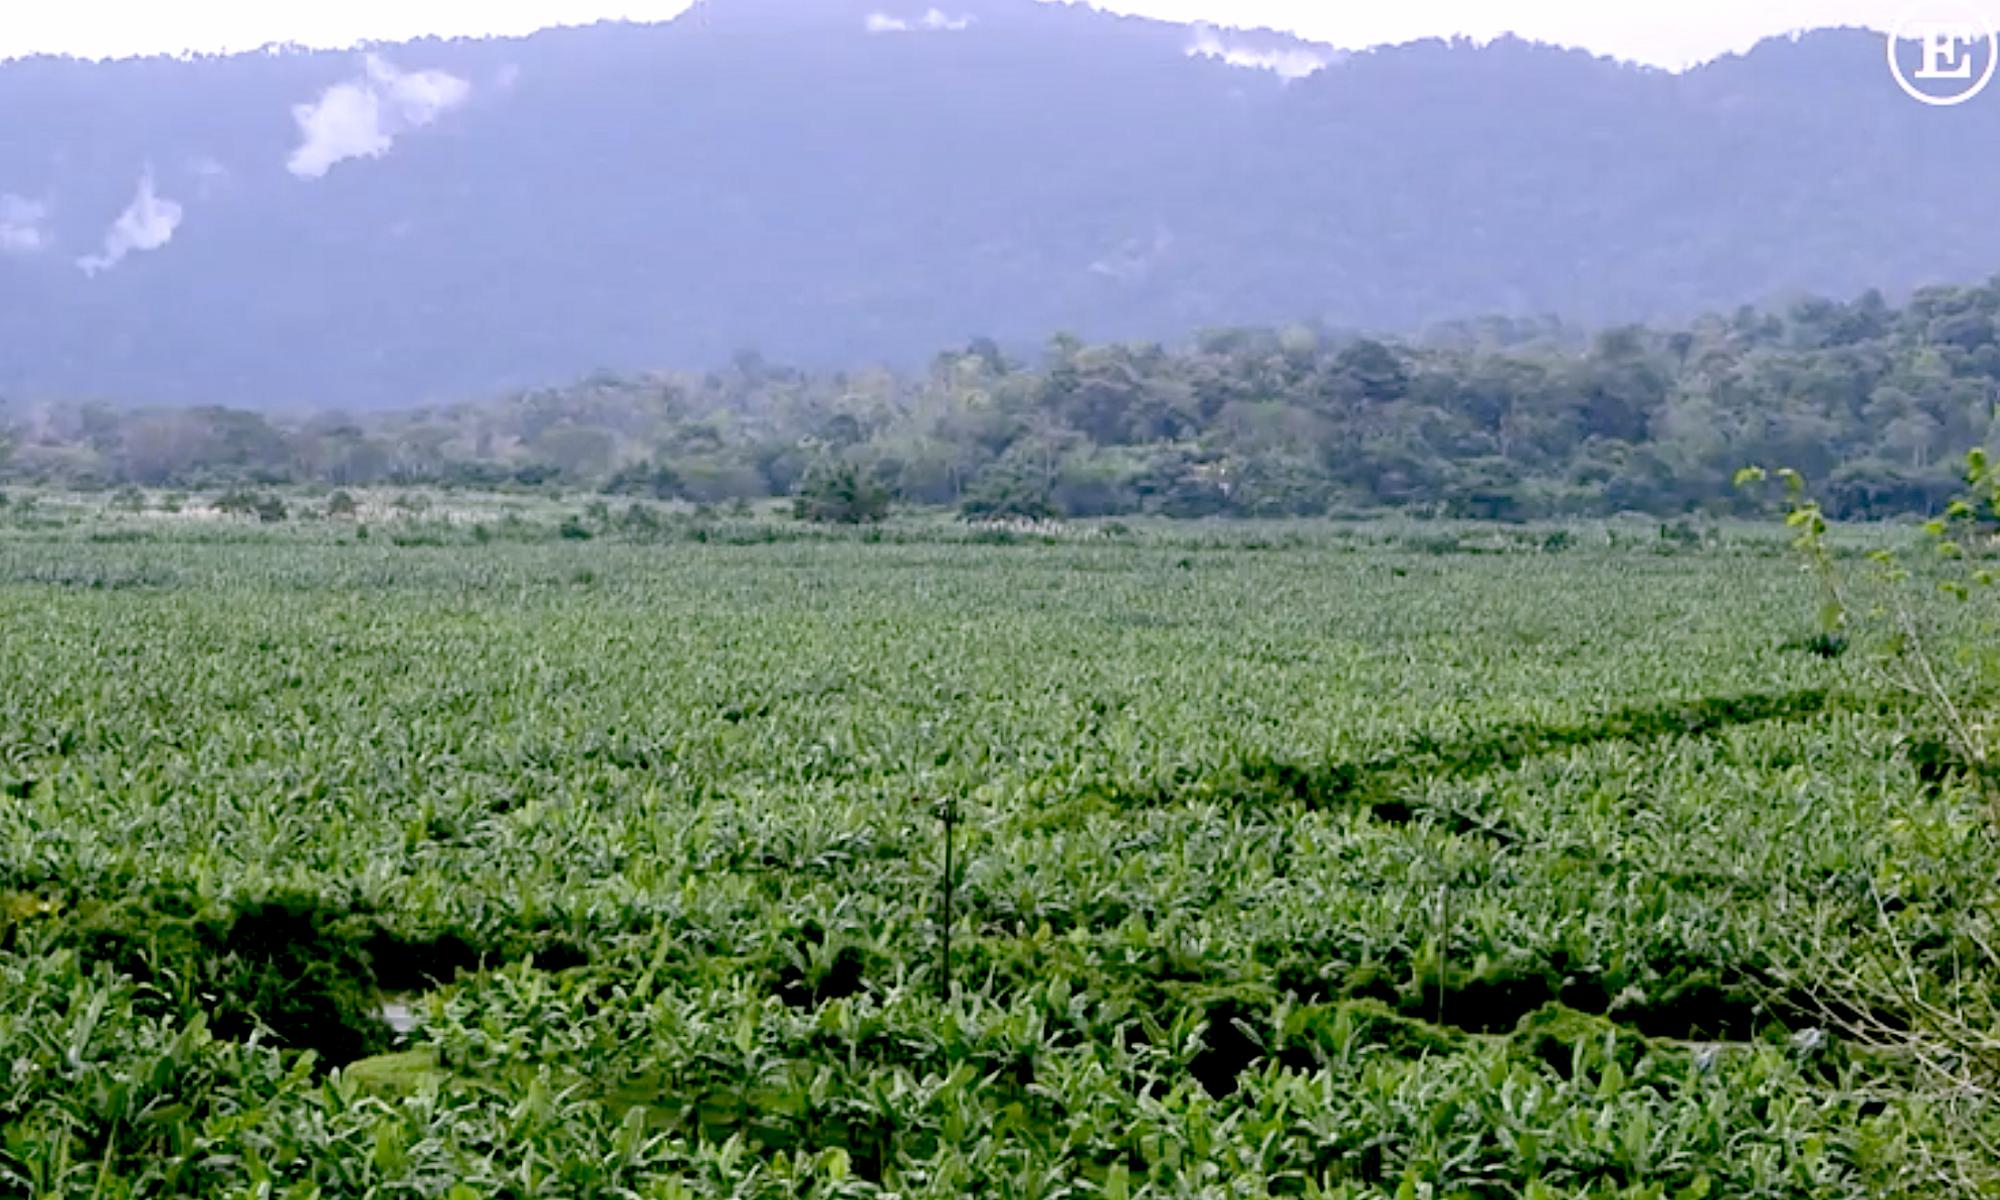 Naturschutz in Costa Rica